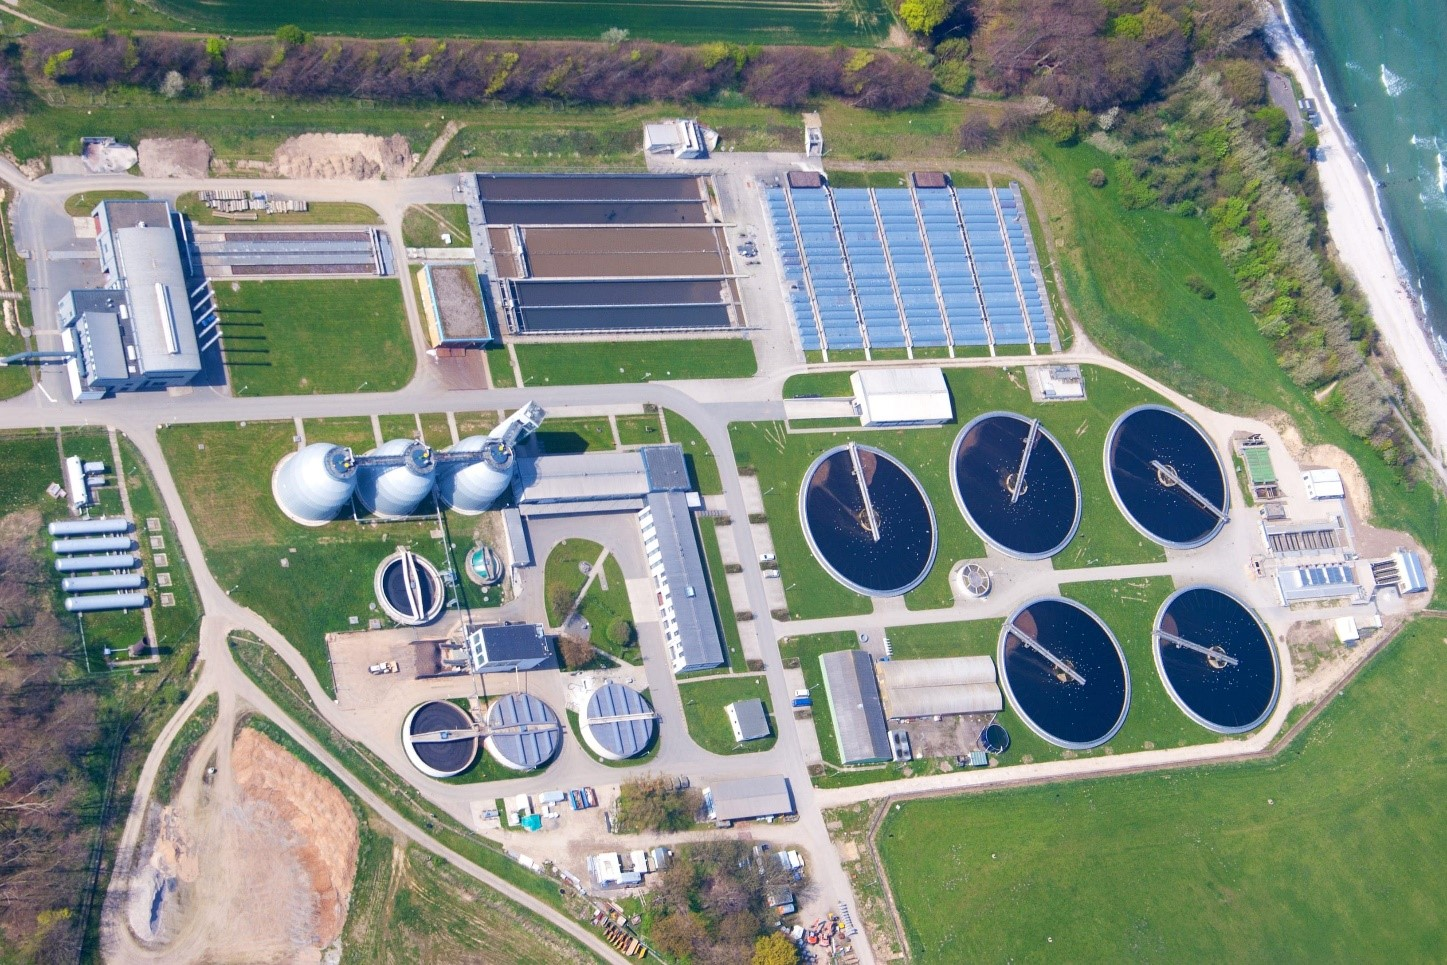 عوامل موثر در ساخت کربن فعال در فیلتر کربن اکتیو2 - عوامل موثر در ساخت کربن فعال در فیلتر کربن اکتیو